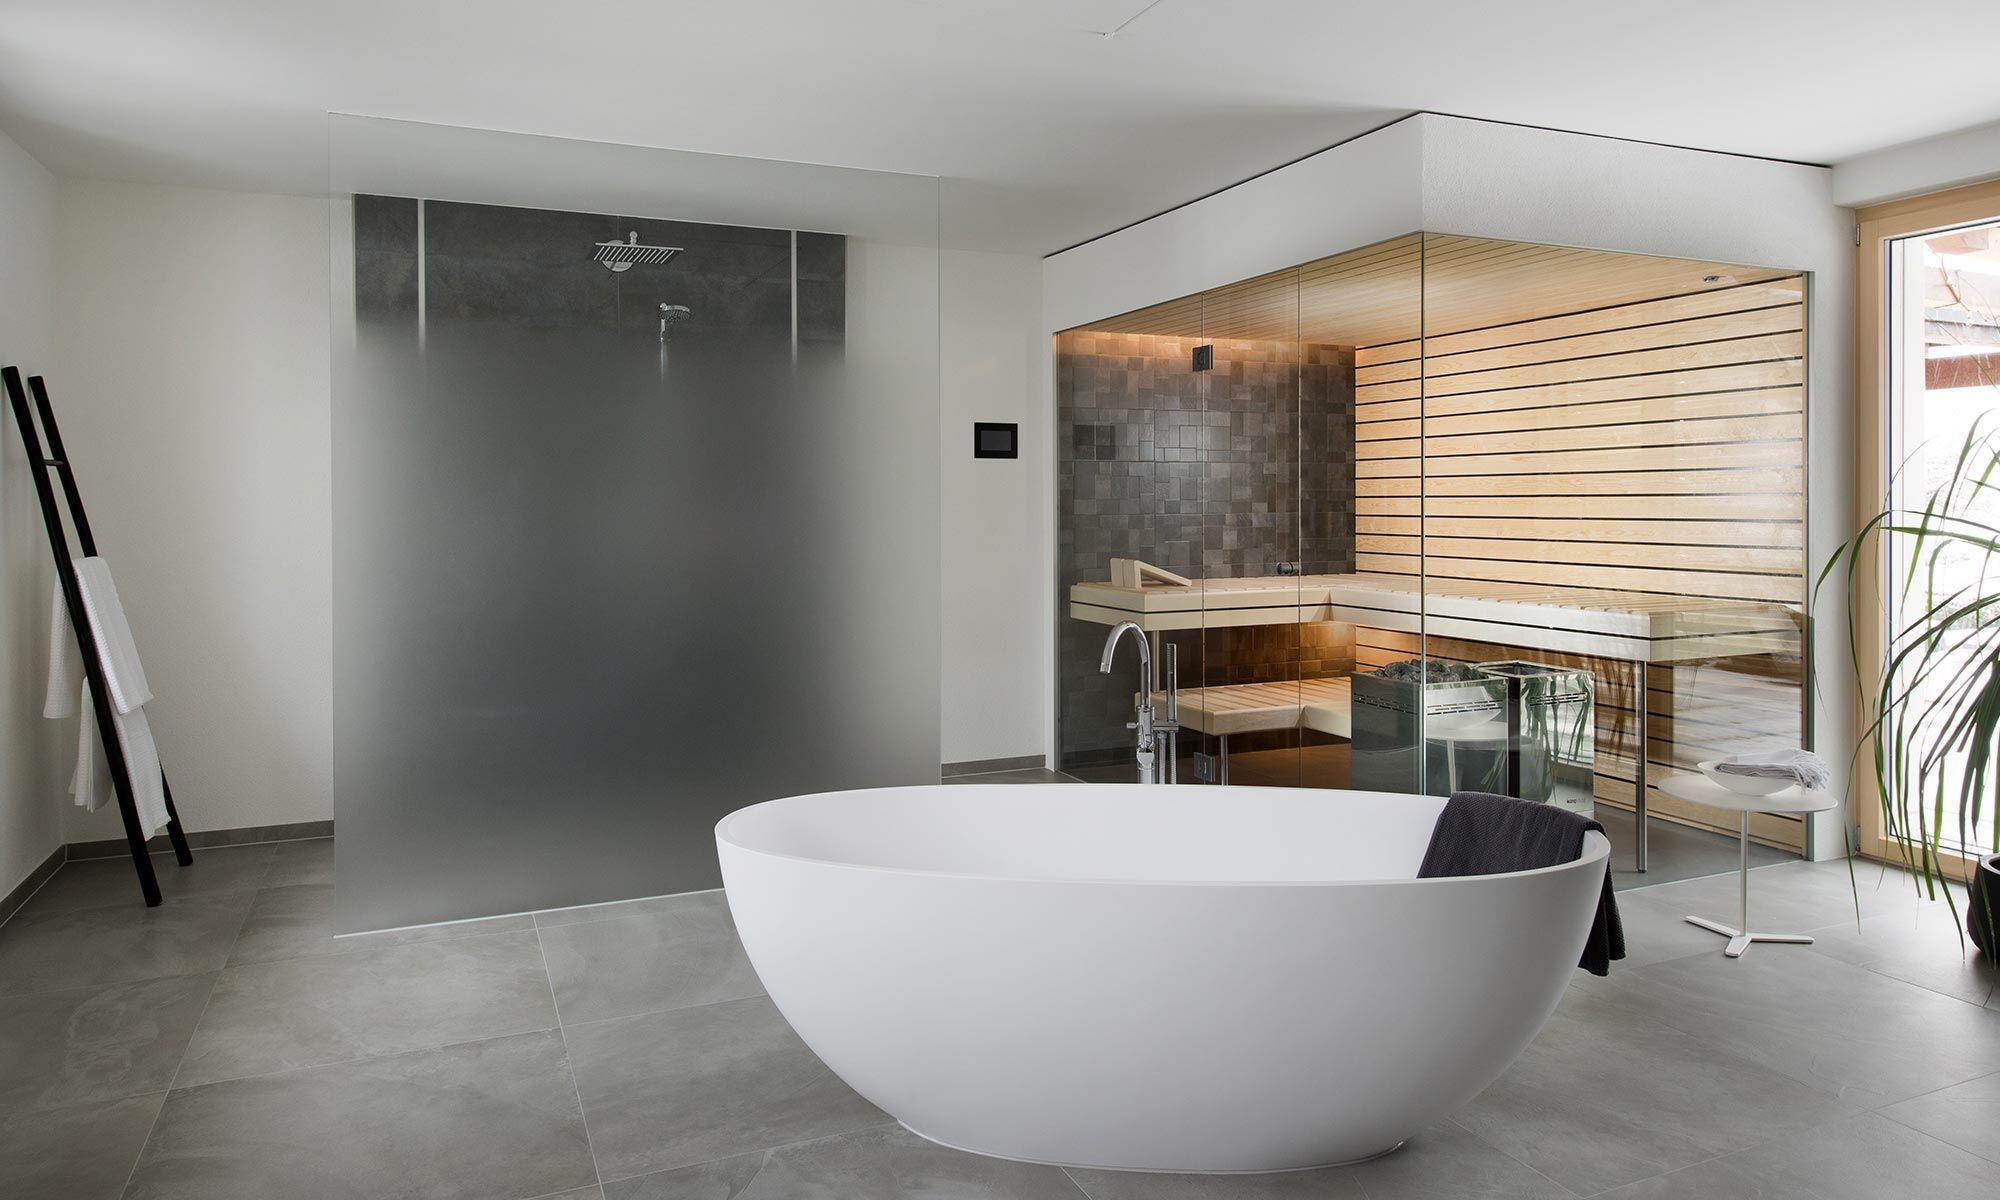 Kung Sauna Spa Ag Verwandelten Das Alte Bad In Eine Wellness Oase Mit Sauna Fur Die Ganze Familie Badezimmer Dekor Wellness Oase